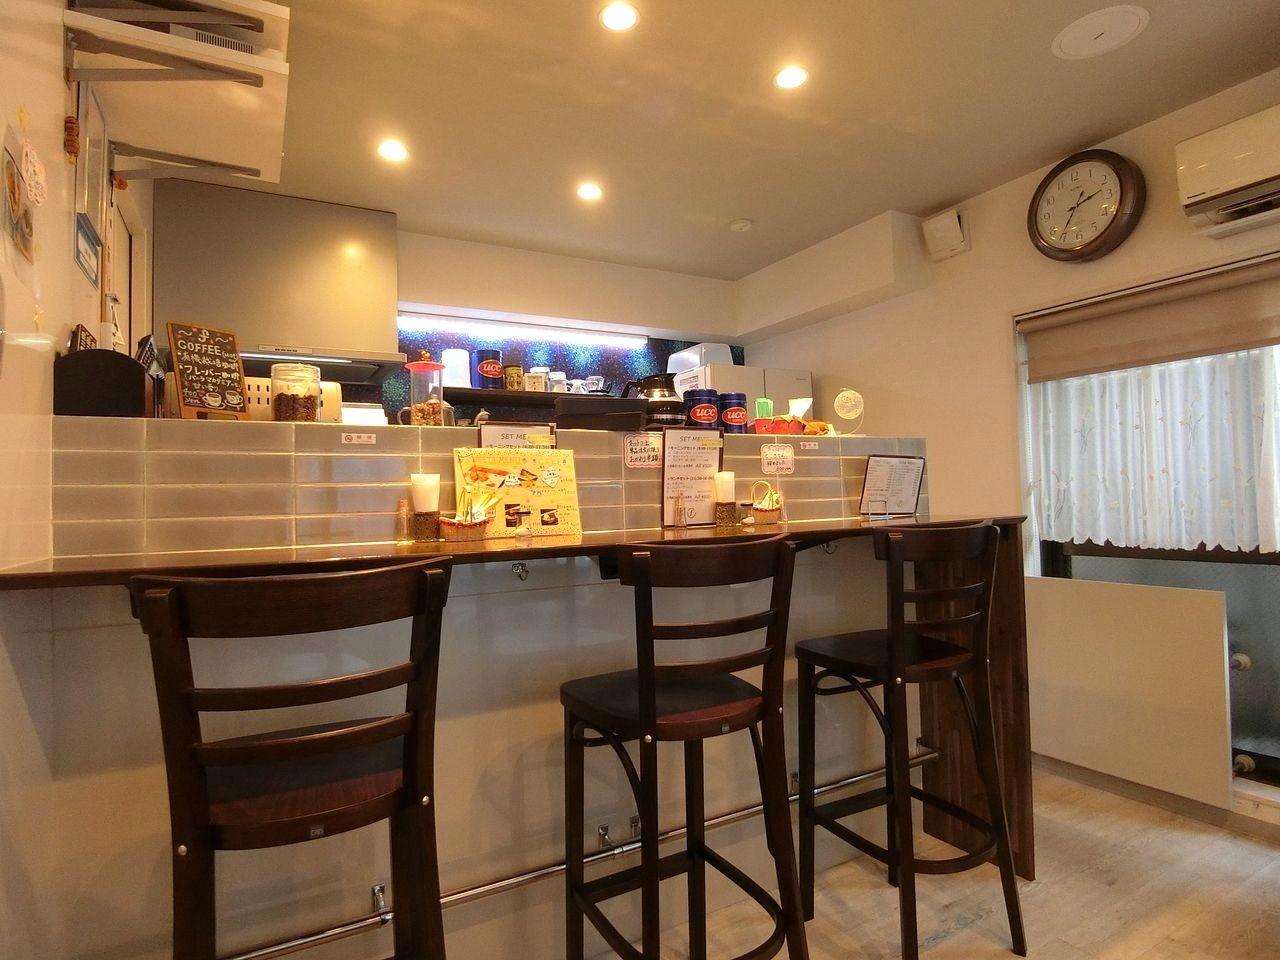 板橋本町のカフェ f( エフ)